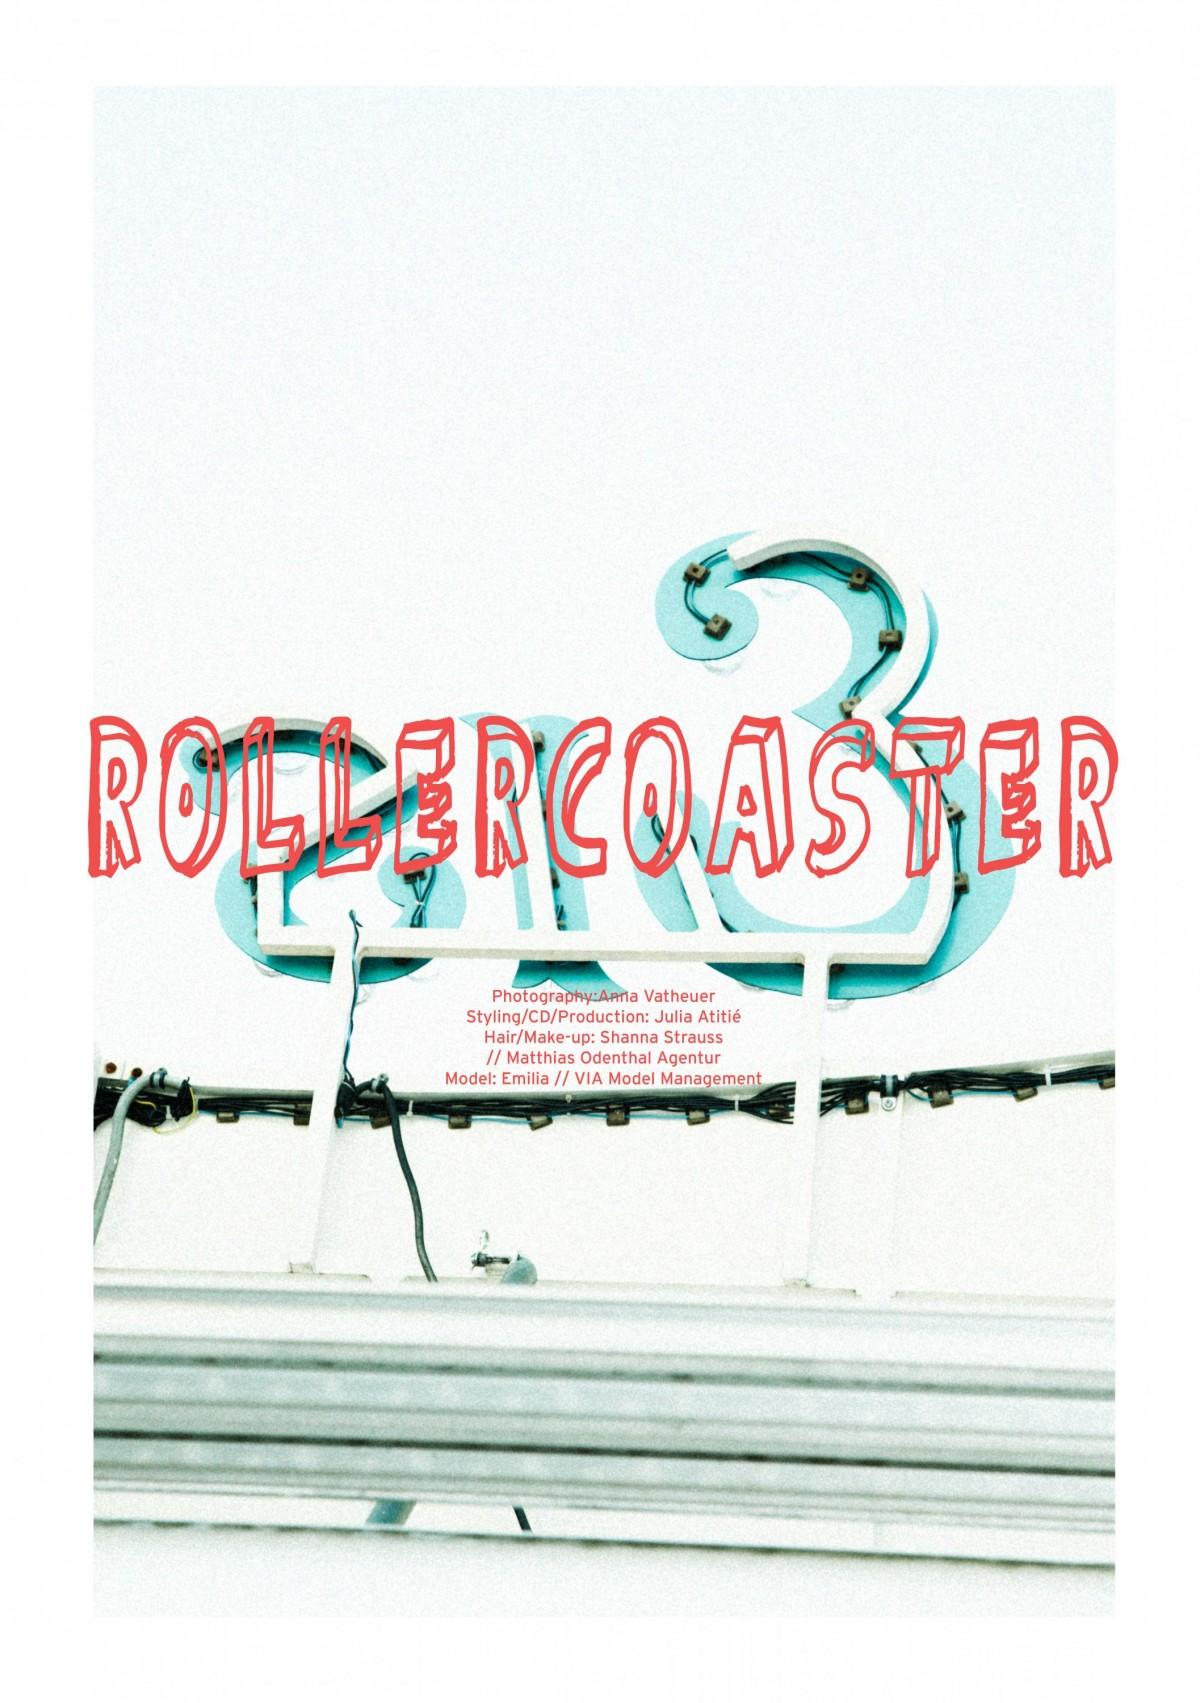 Rollercoaster-titel-e1453811747676.jpg